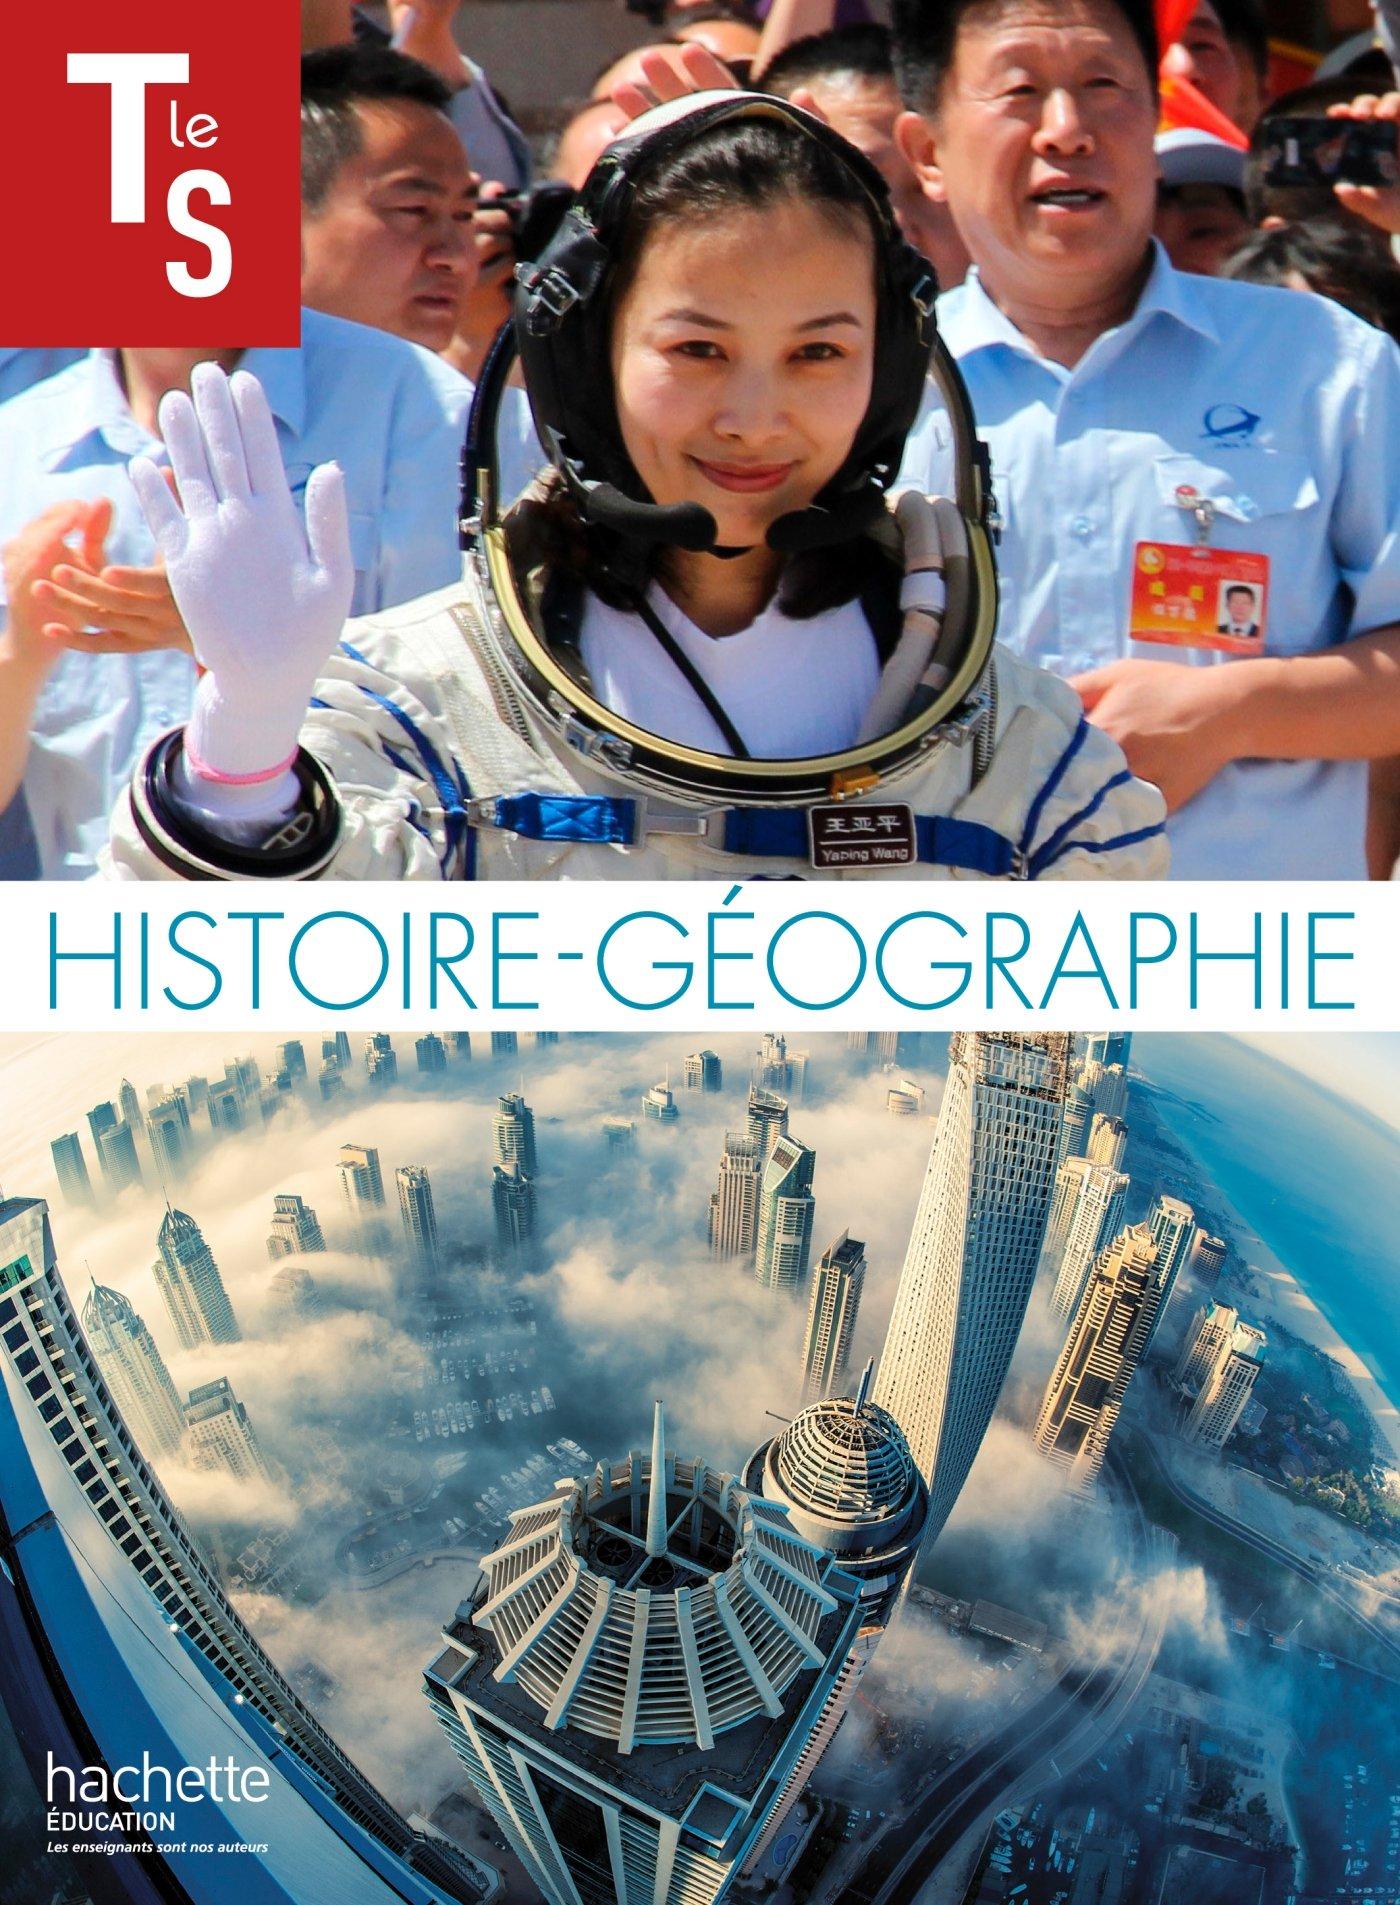 Histoire-Géographie Terminale S format compact - Edition 2014 Histoire - Géographie lycée: Amazon.es: Catherine Reynaud, Pascal Boniface, ...